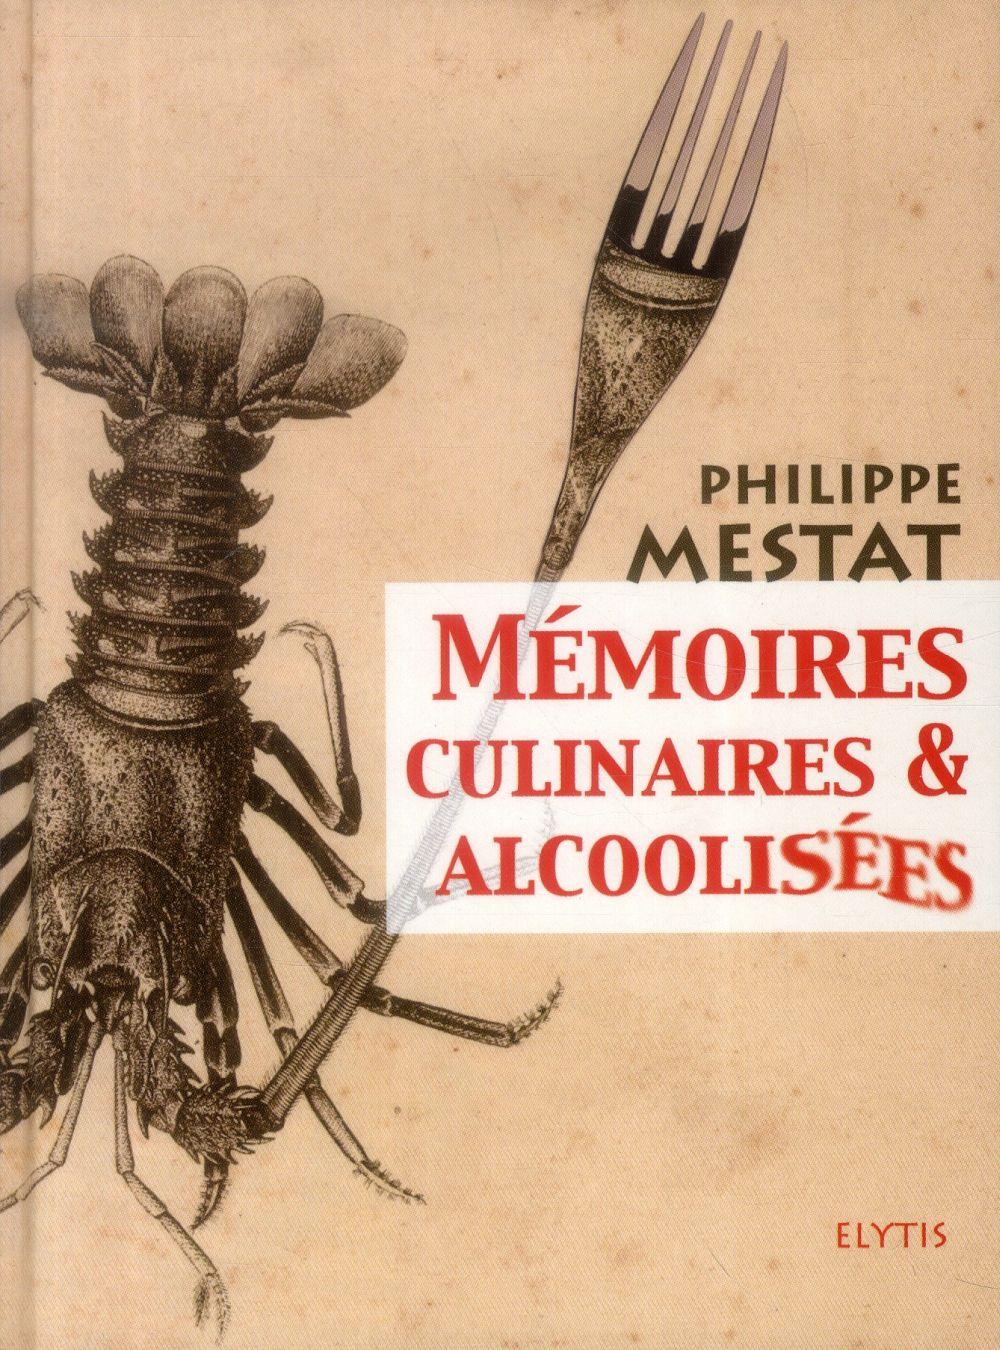 Mémoires culinaires et alcoolisées